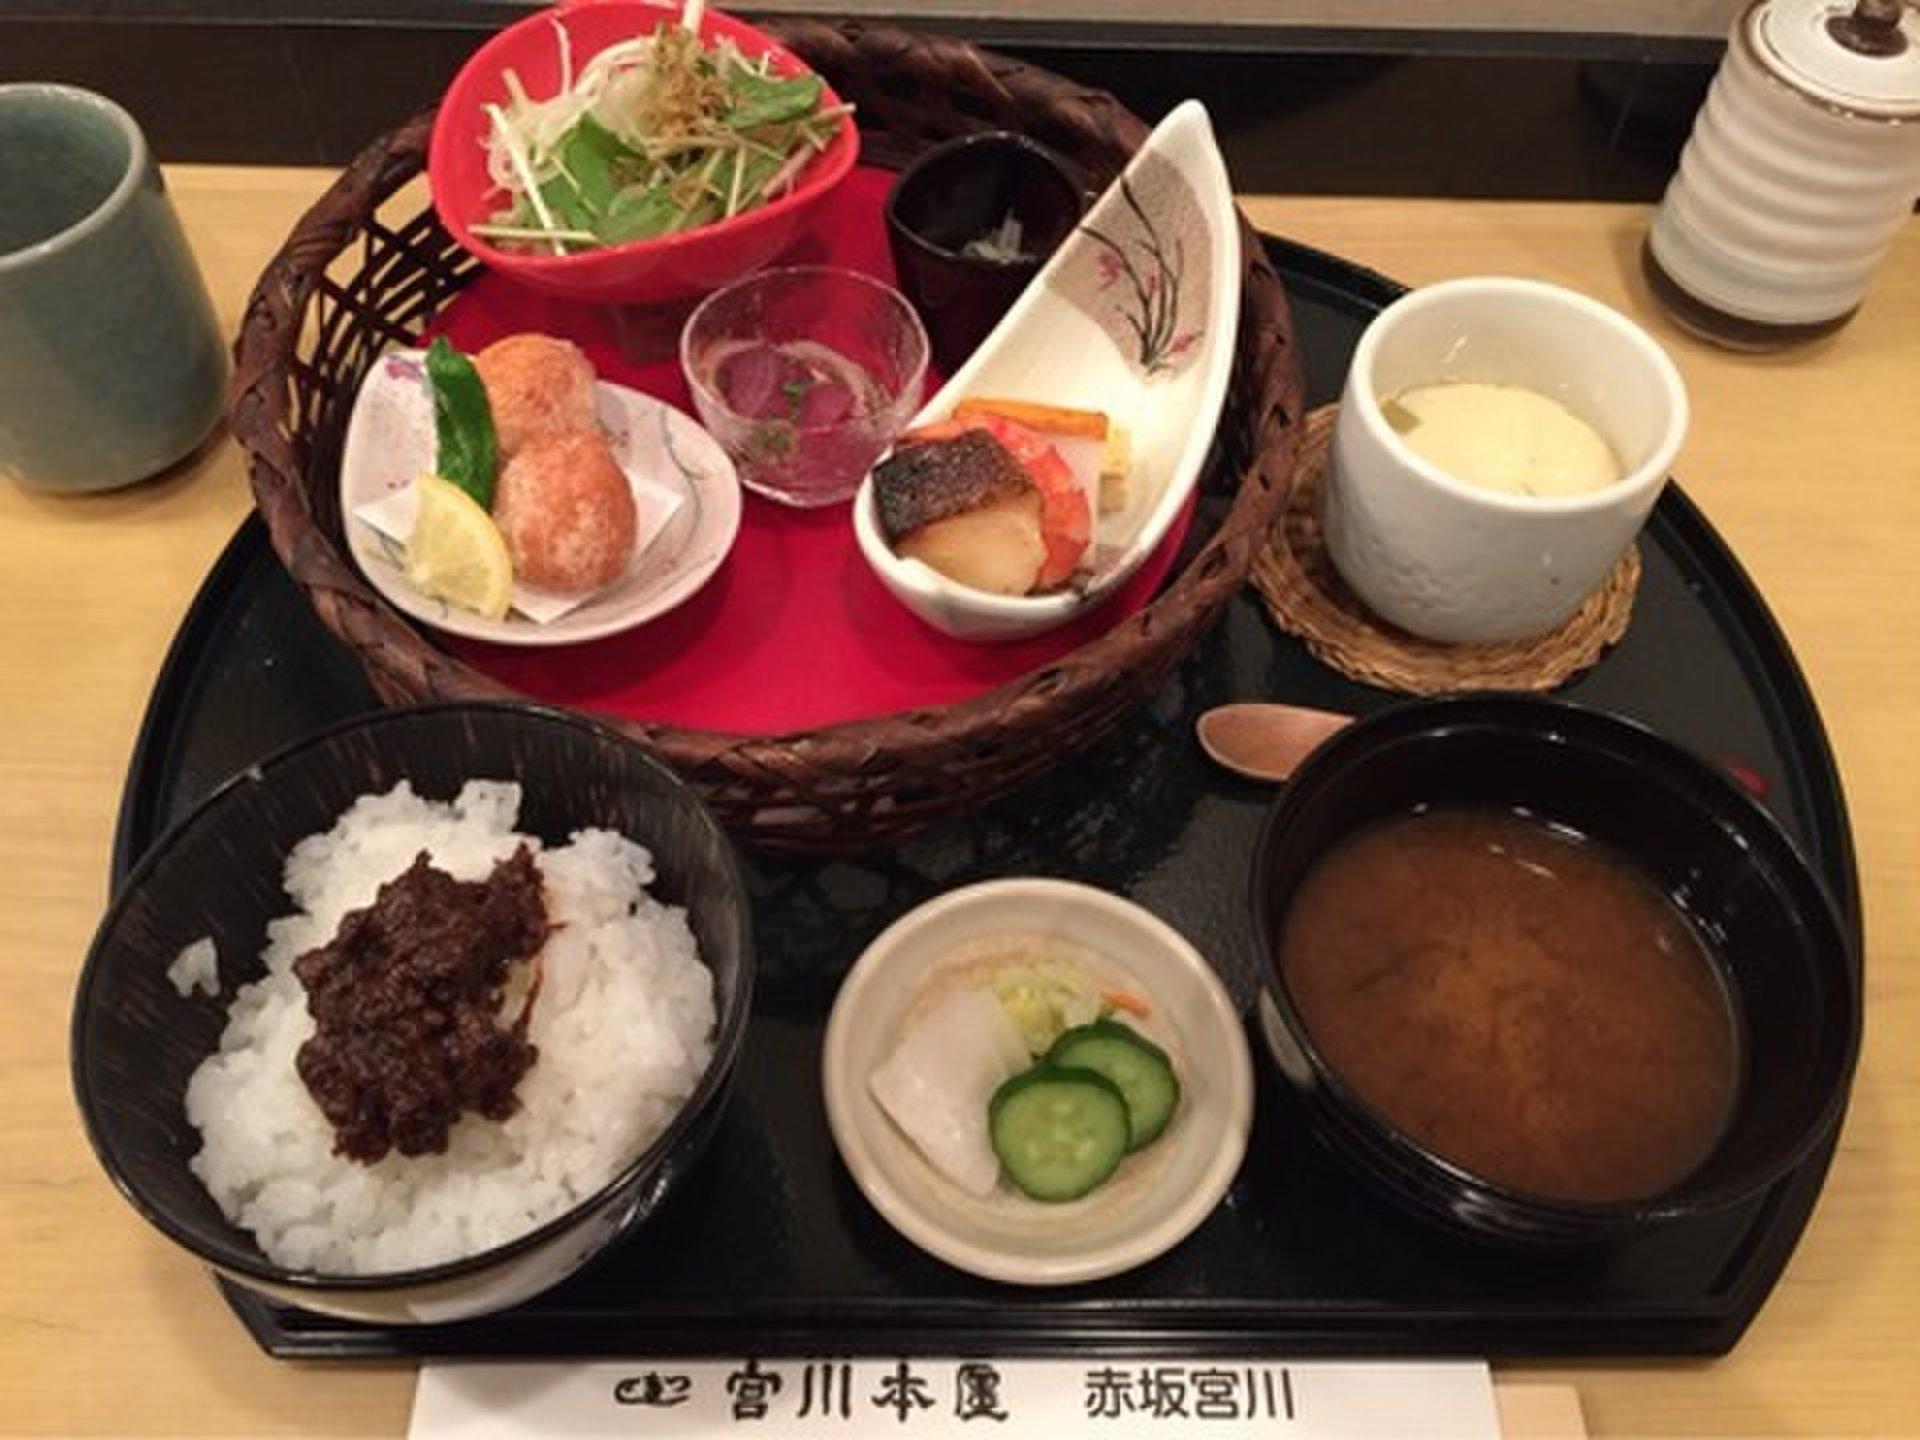 赤坂の鰻屋さんの1日10食限定のスペシャル御膳ランチがお得すぎる!